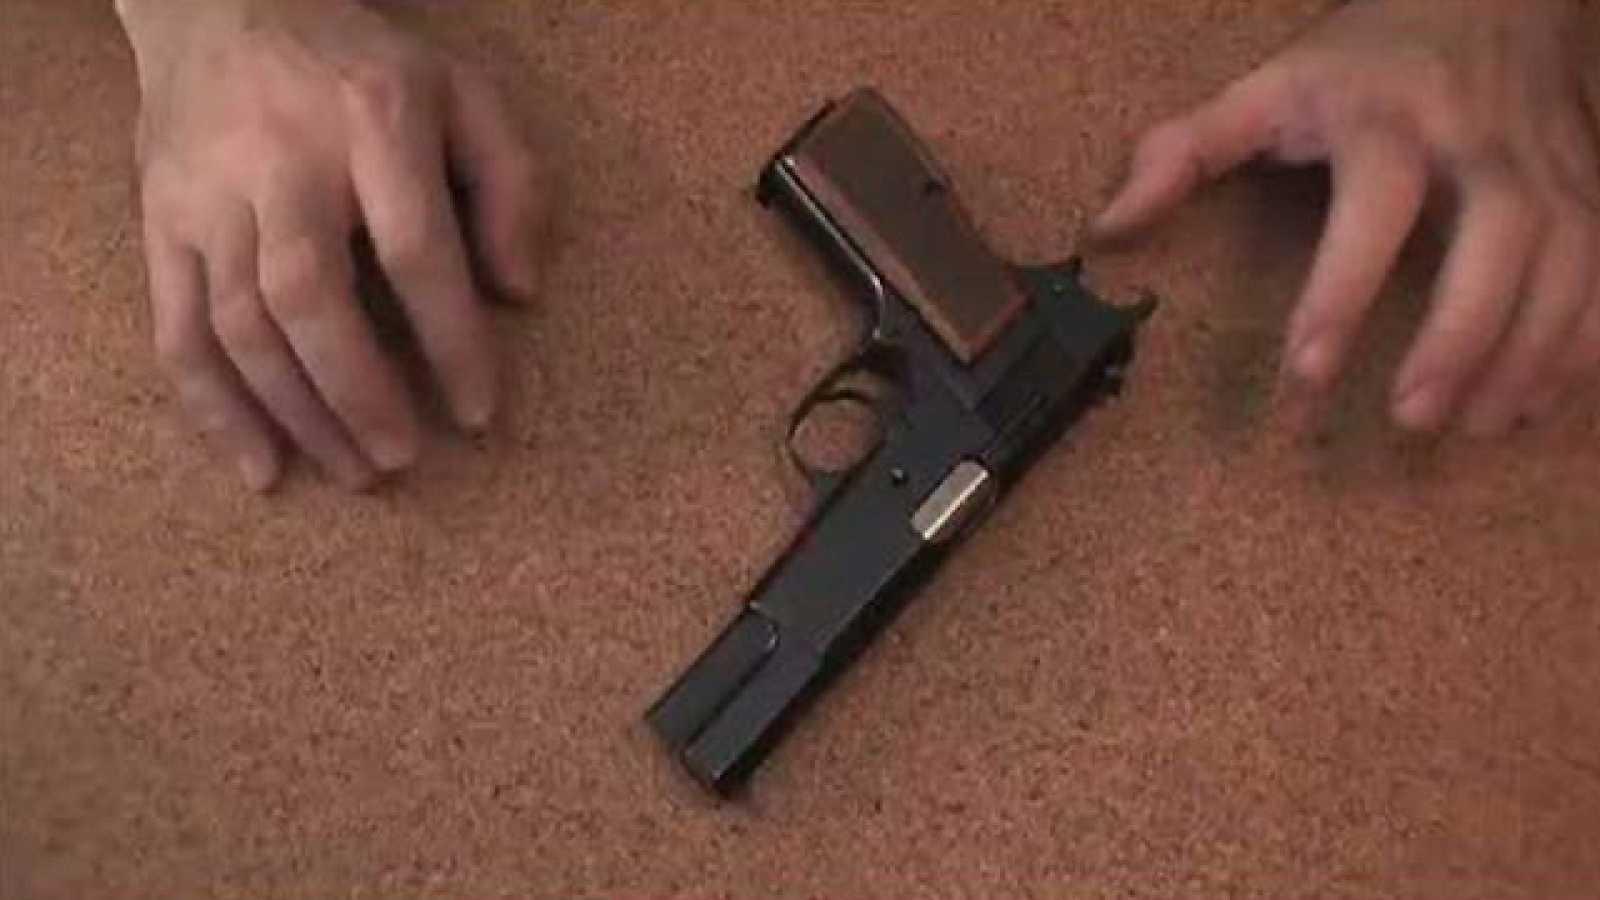 Dirigido por Alfonso de Lucas. Sinopsis: El desarrollo de la obsesión delirante de un individuo. Su arma de fuego que adquiere vida...